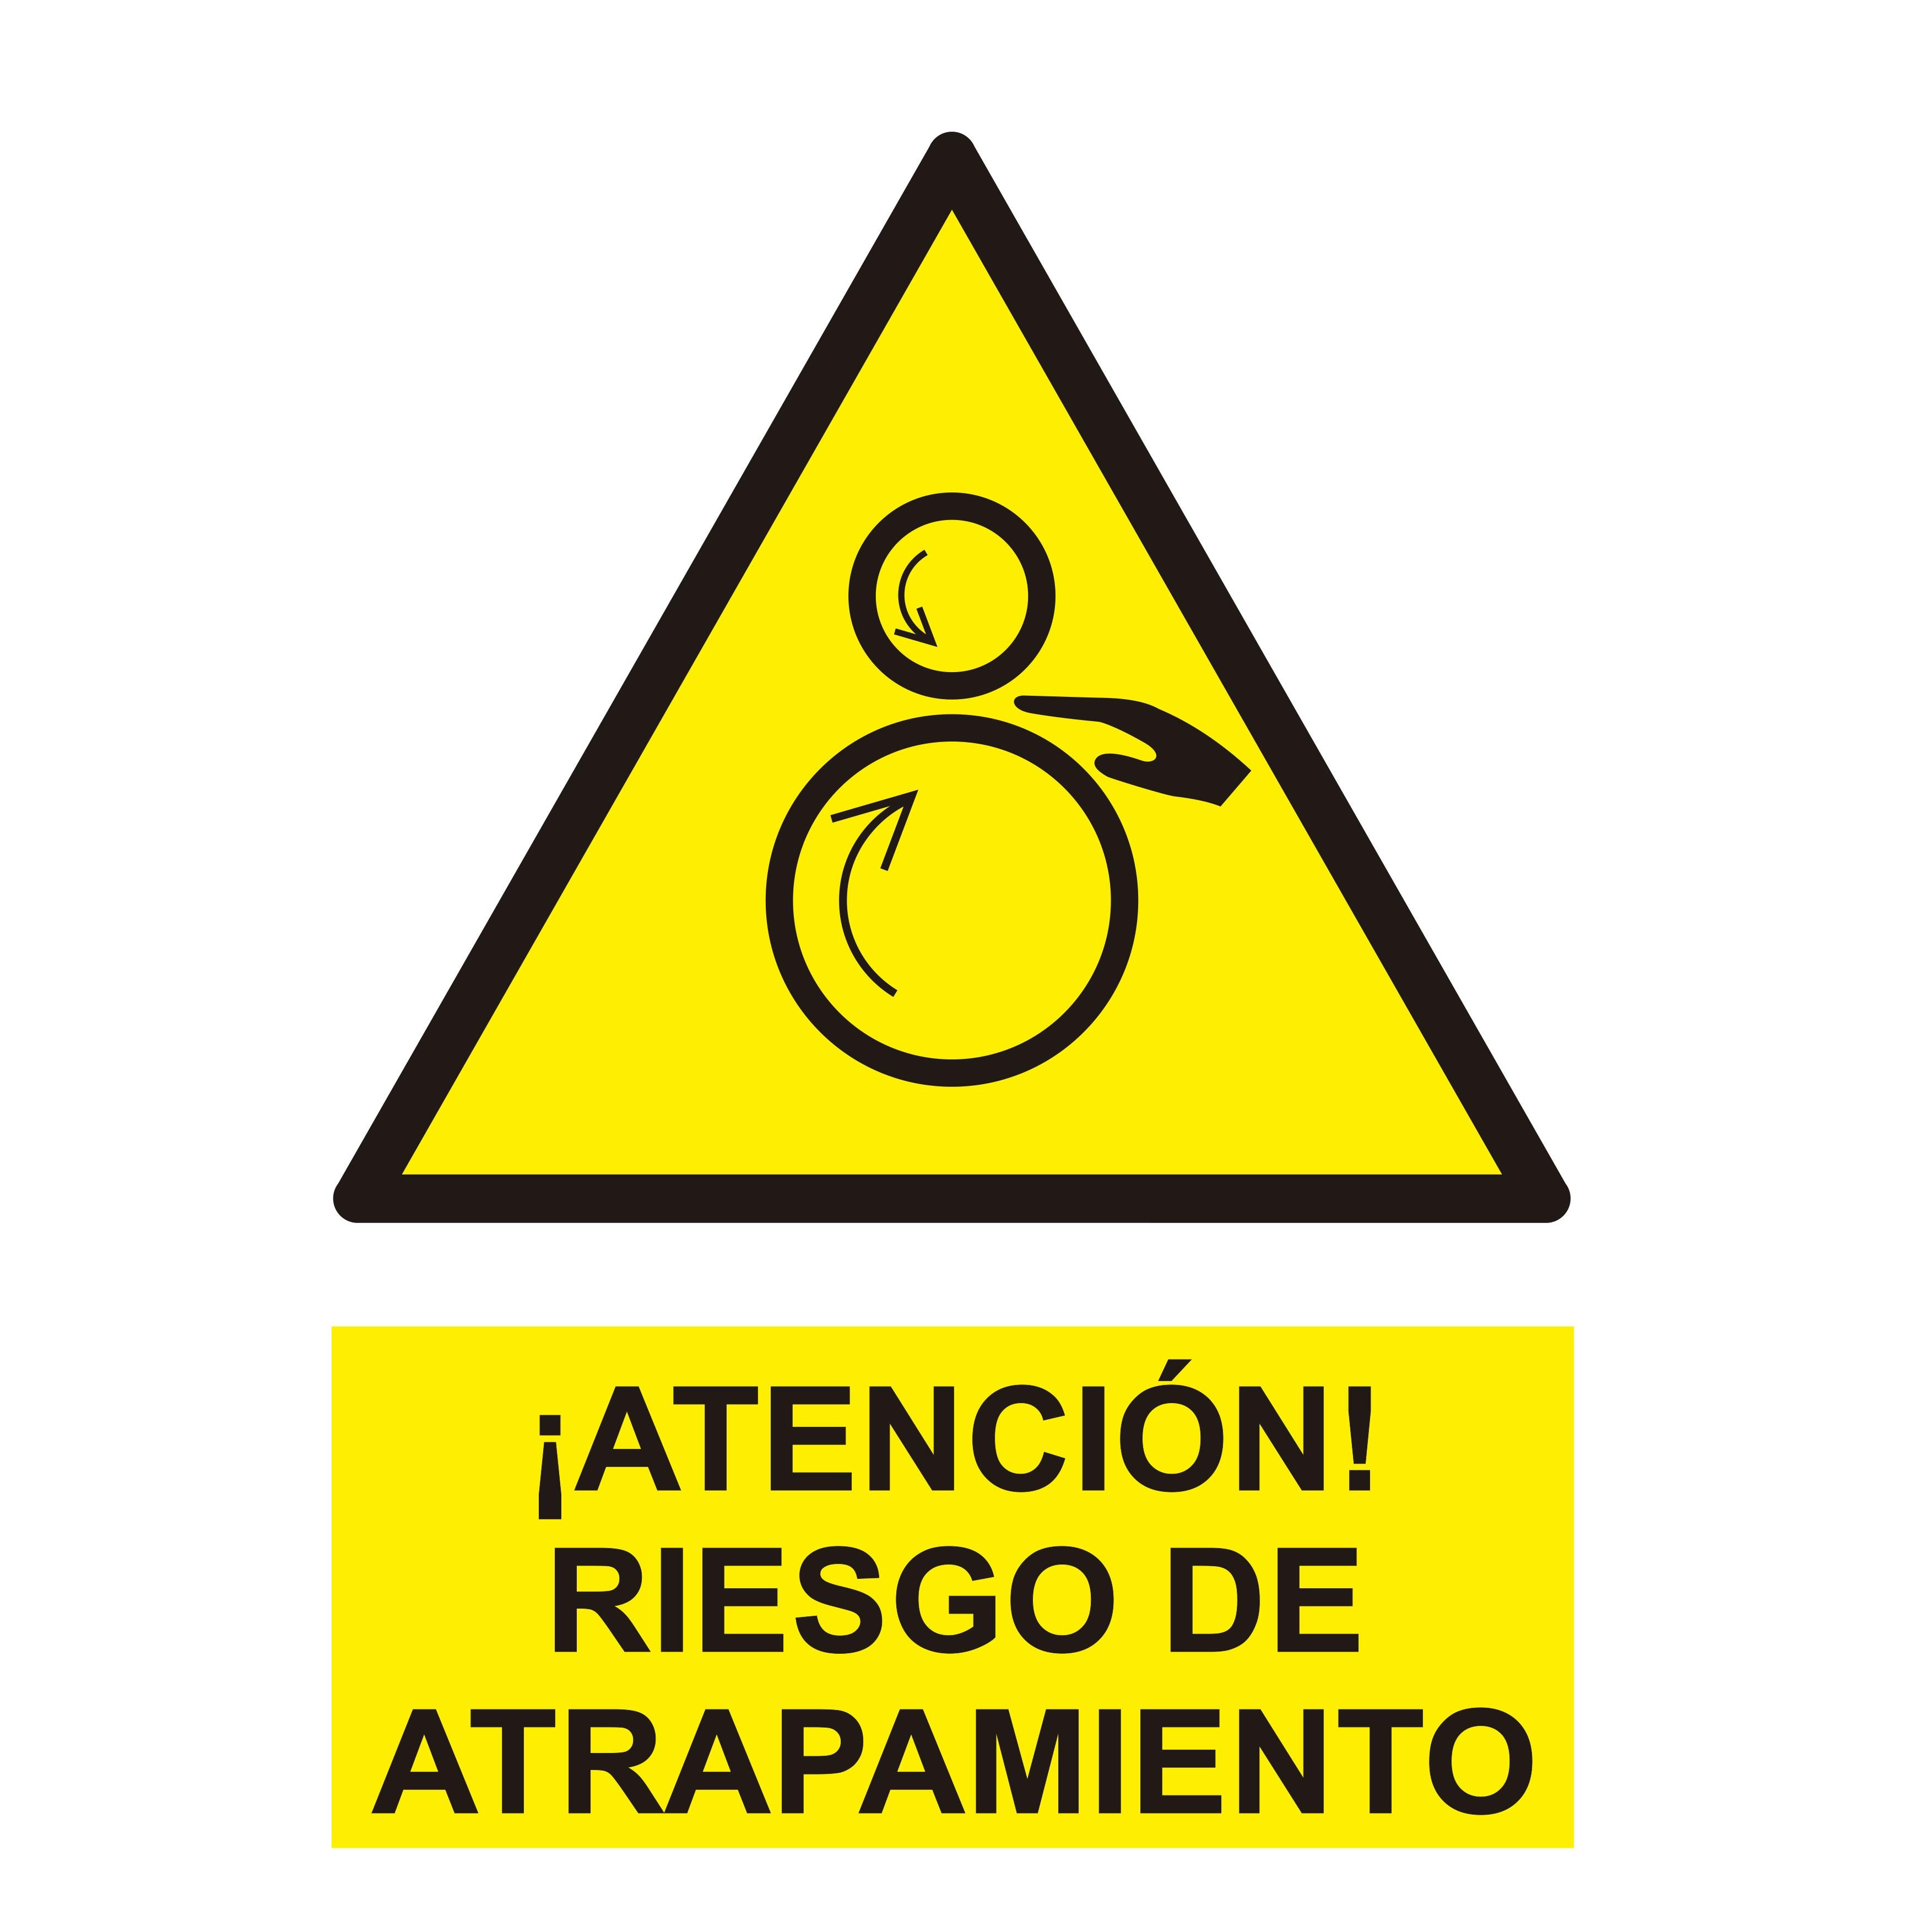 Señal ¡ATENCIÓN! RIEGO DE ATRAPAMIENTO